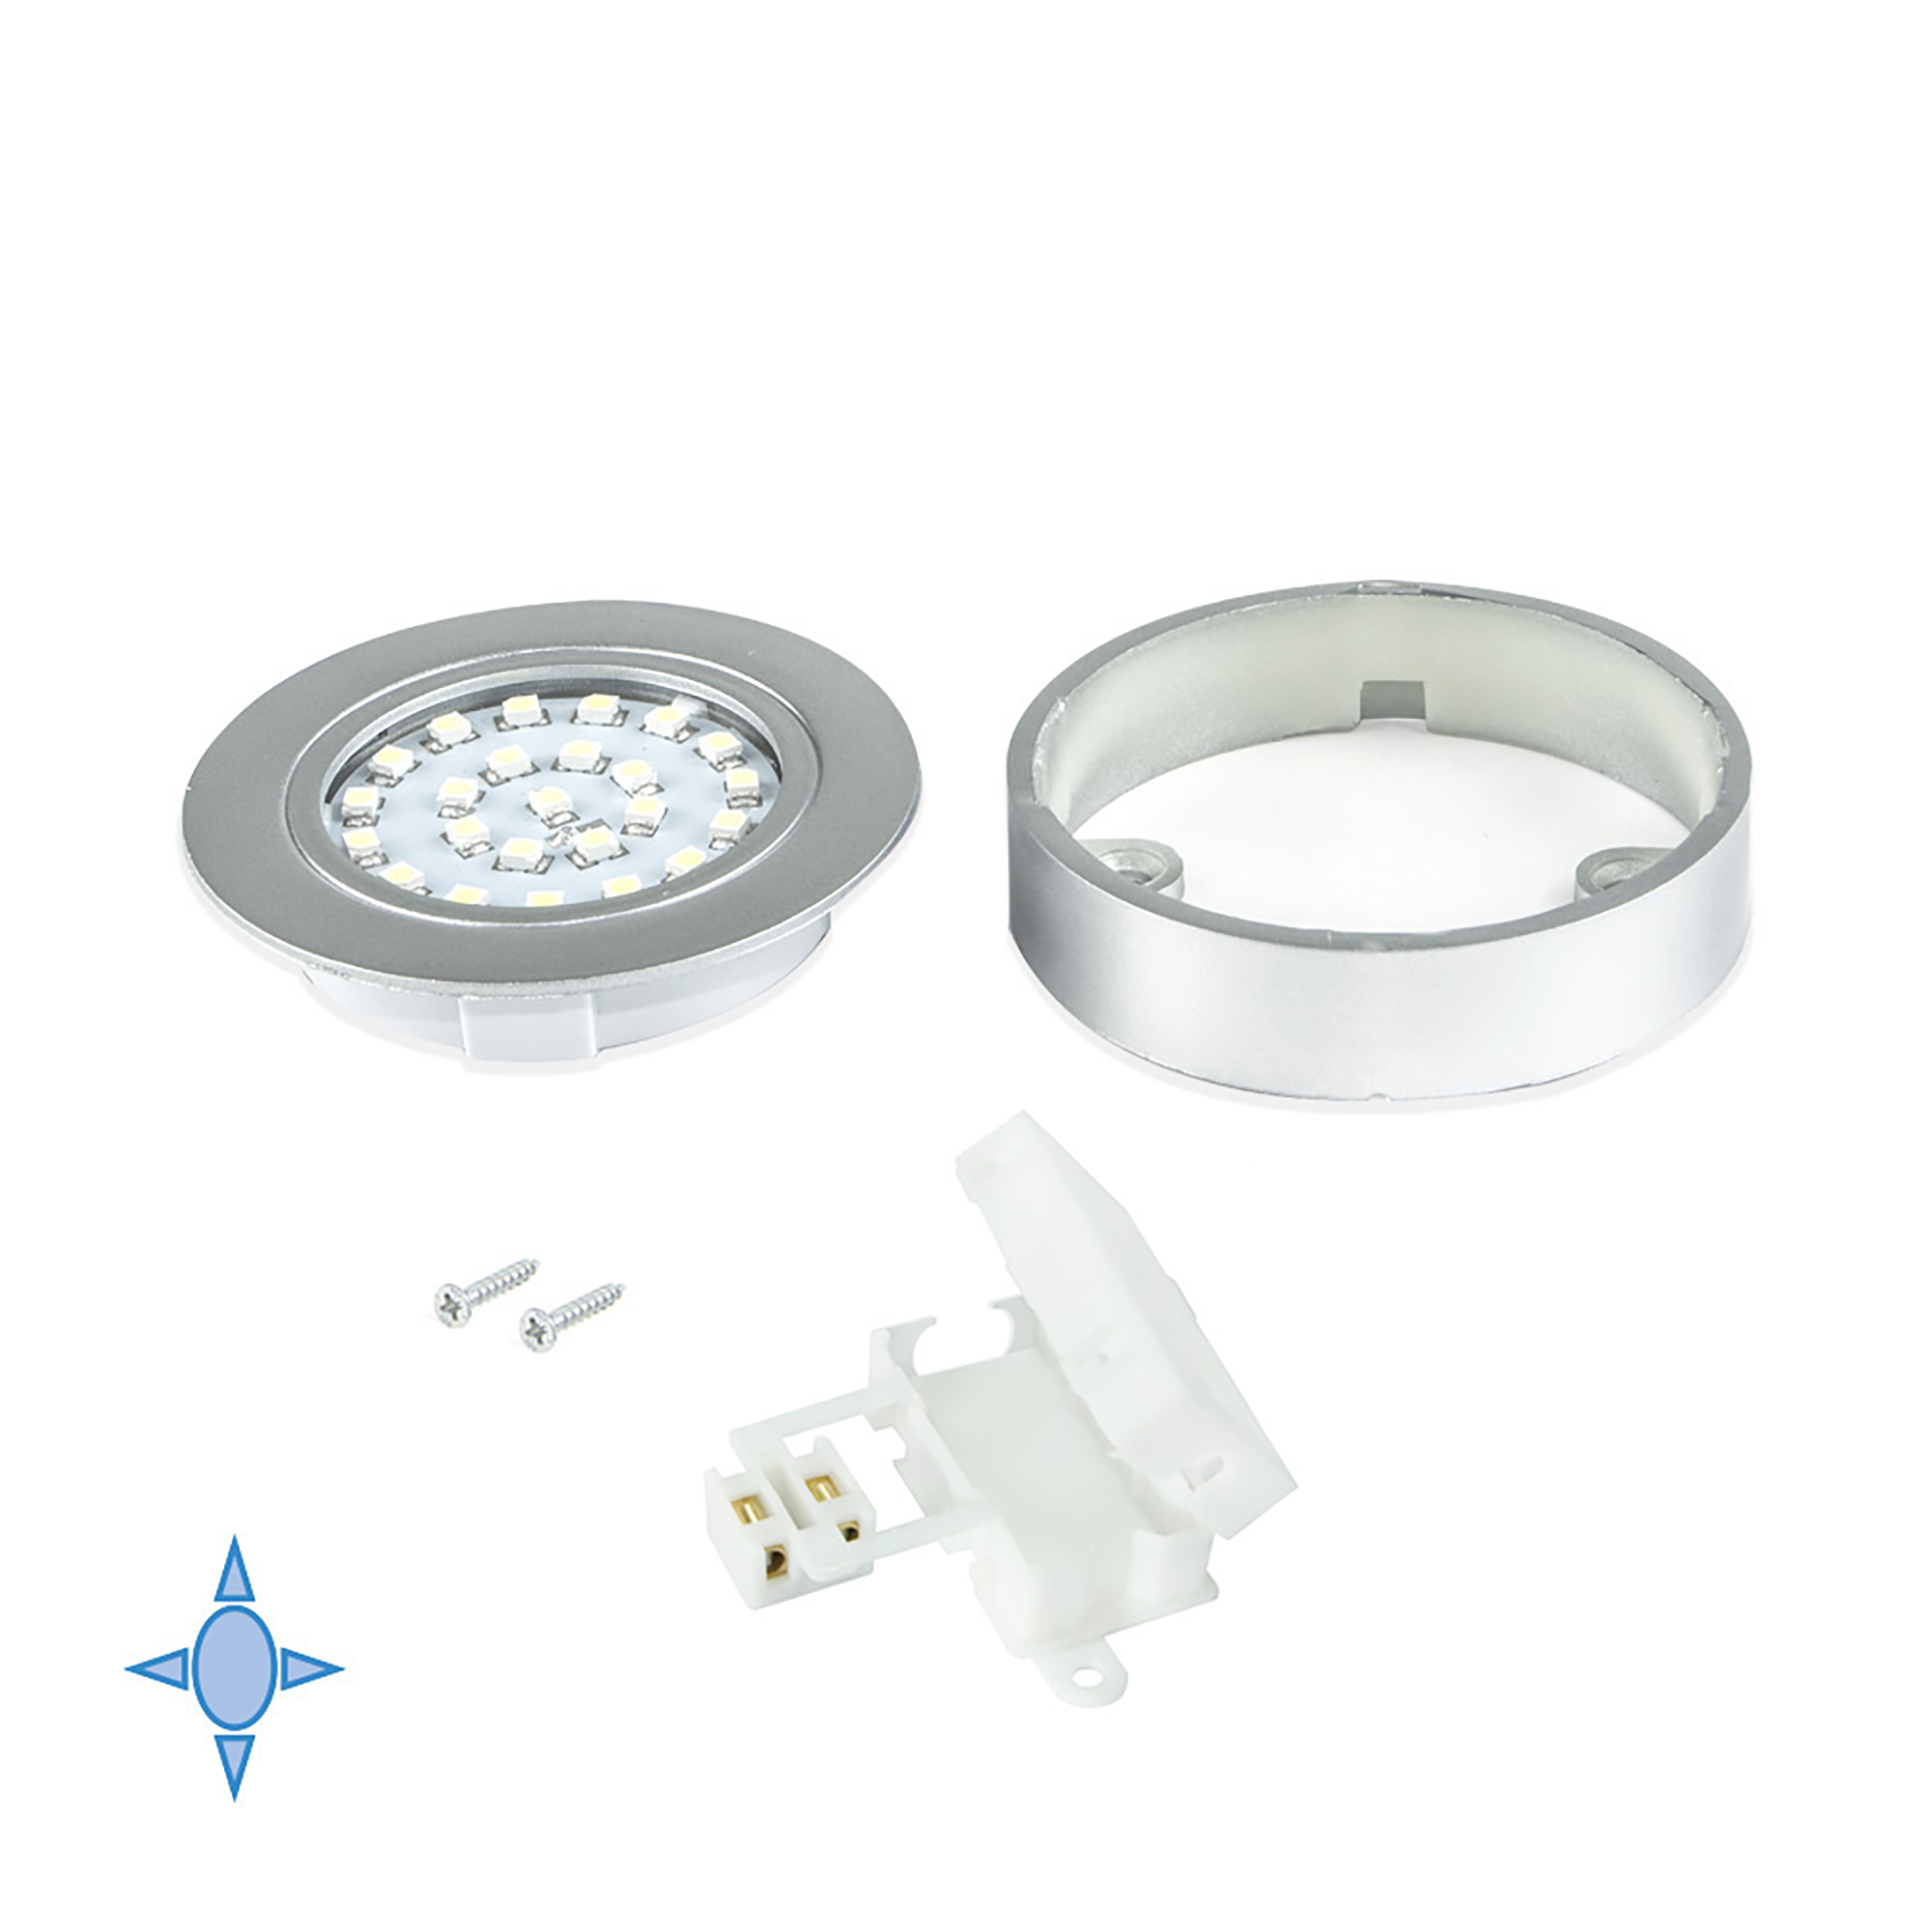 Emuca Faretto LED con supporto, D. 65 mm, Luce bianca fredda, Plastica, Grigio metallizzato